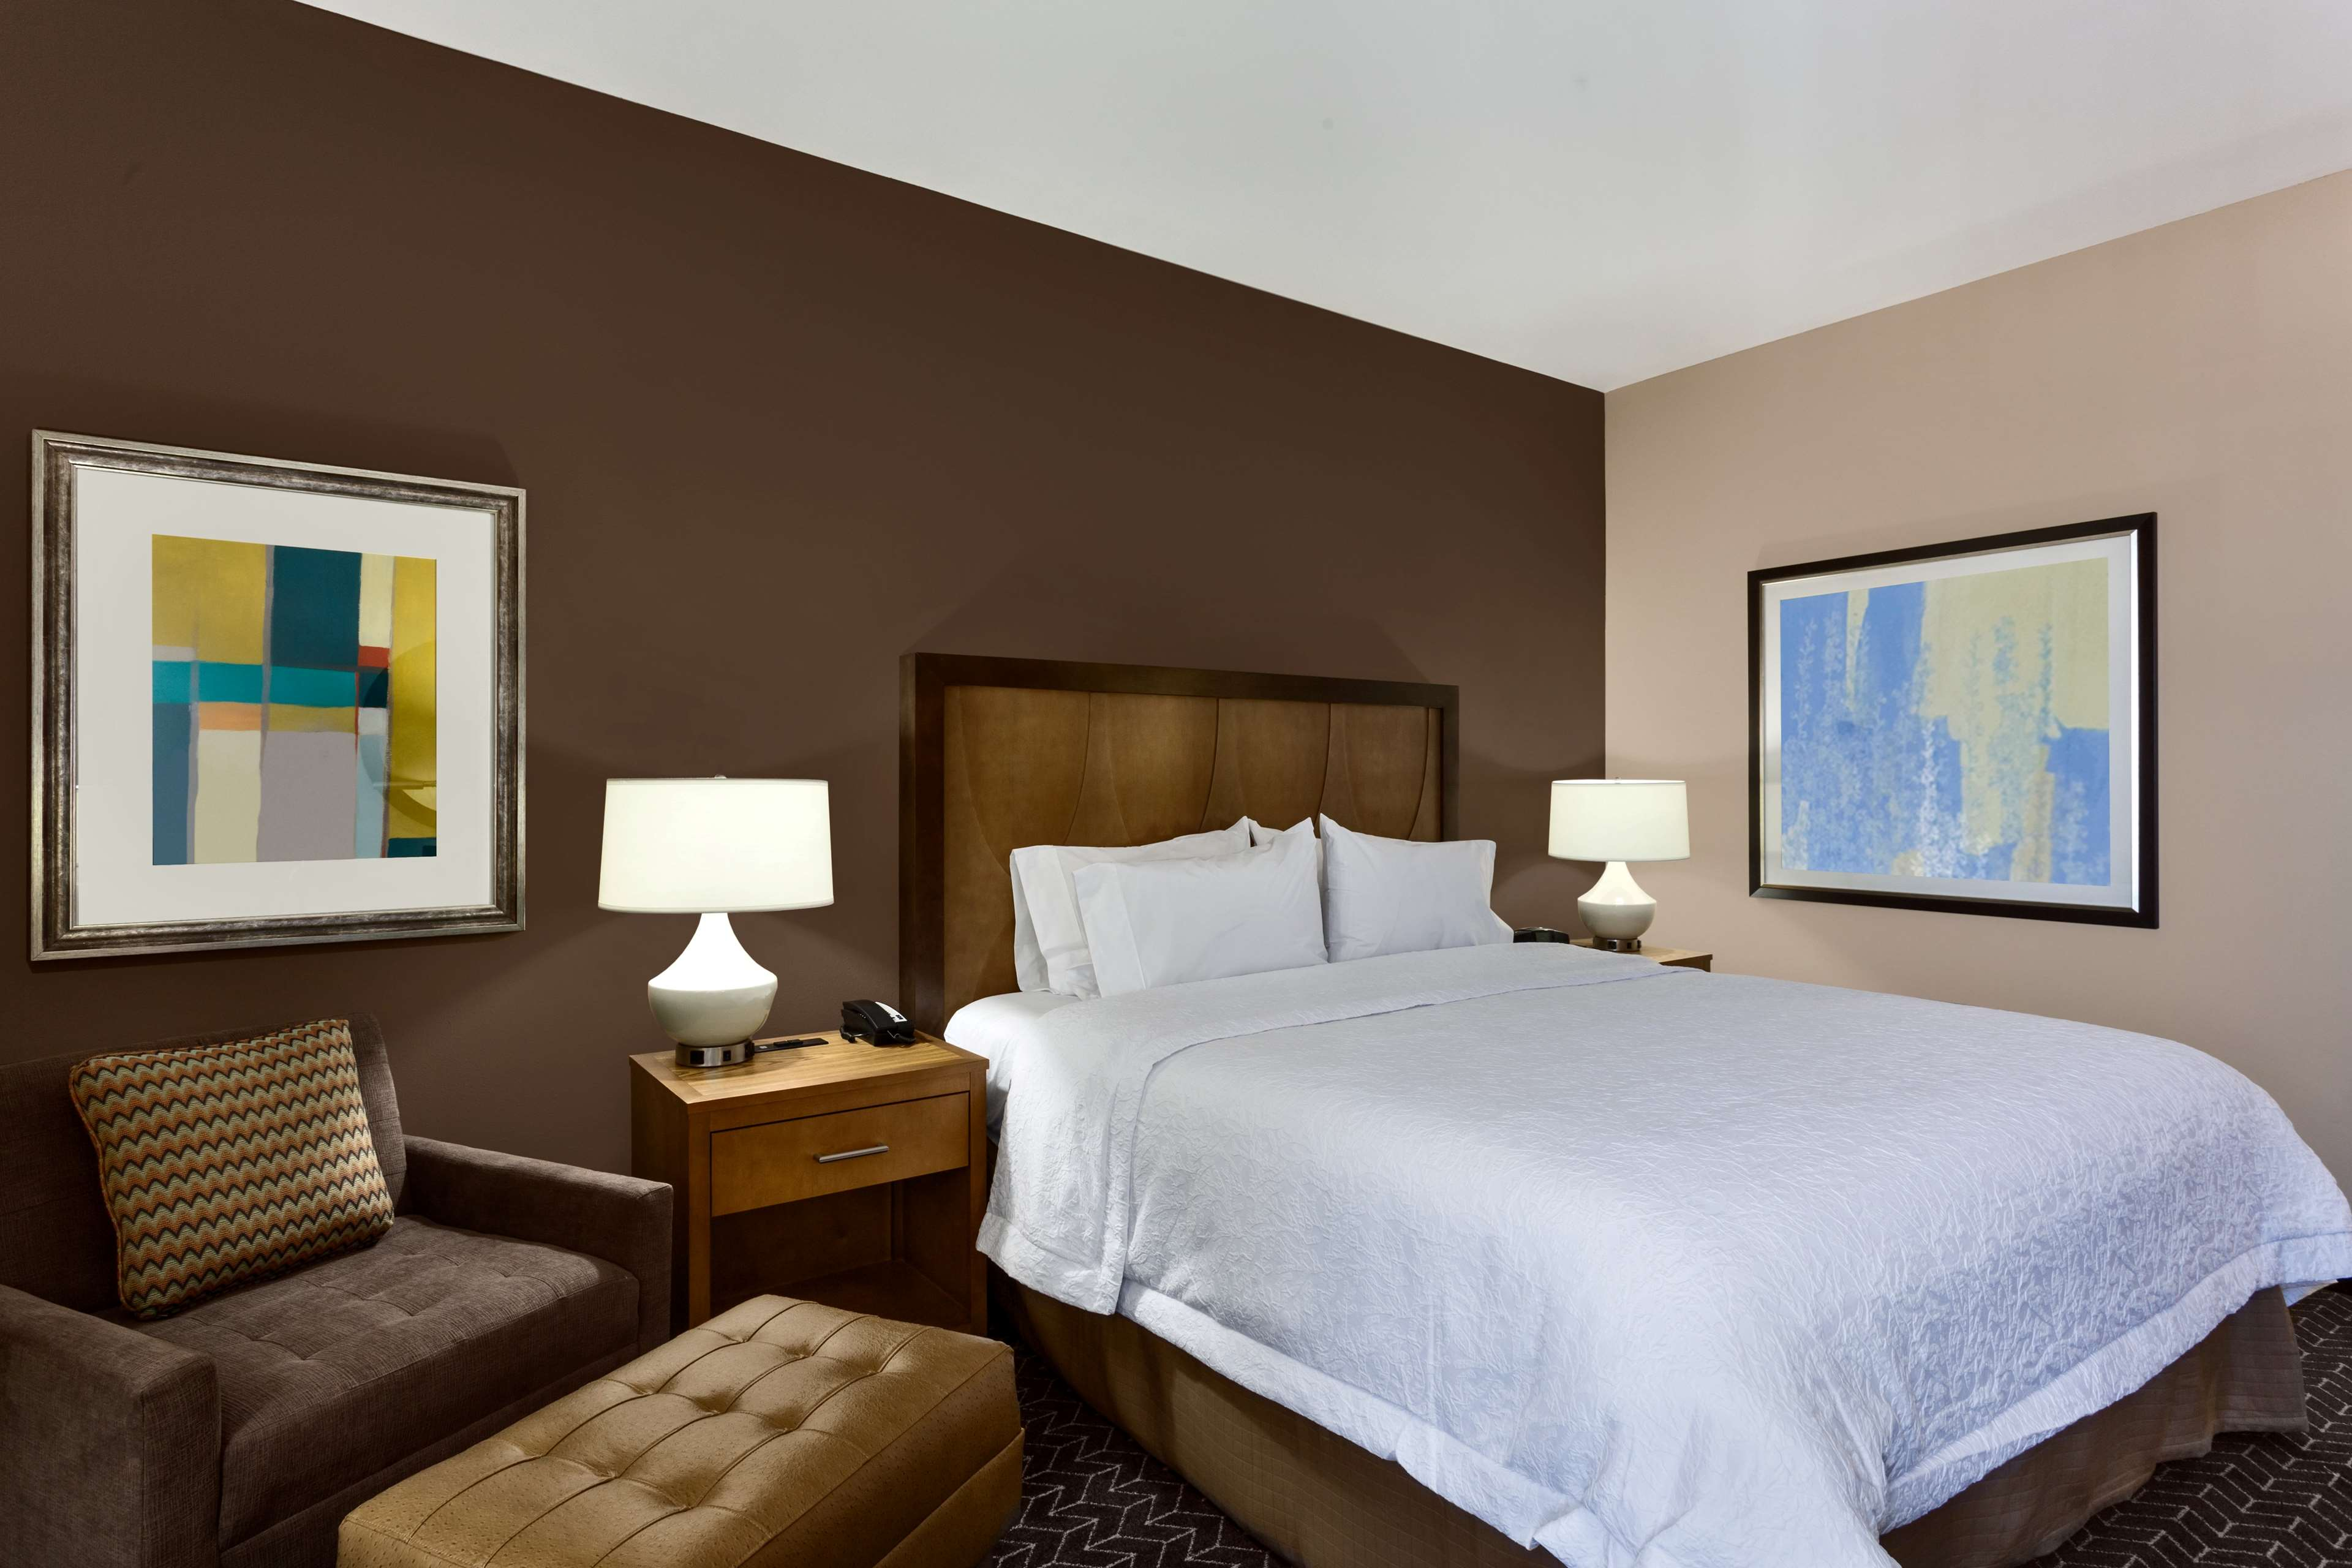 Hampton Inn and Suites Clayton/St Louis-Galleria Area image 28